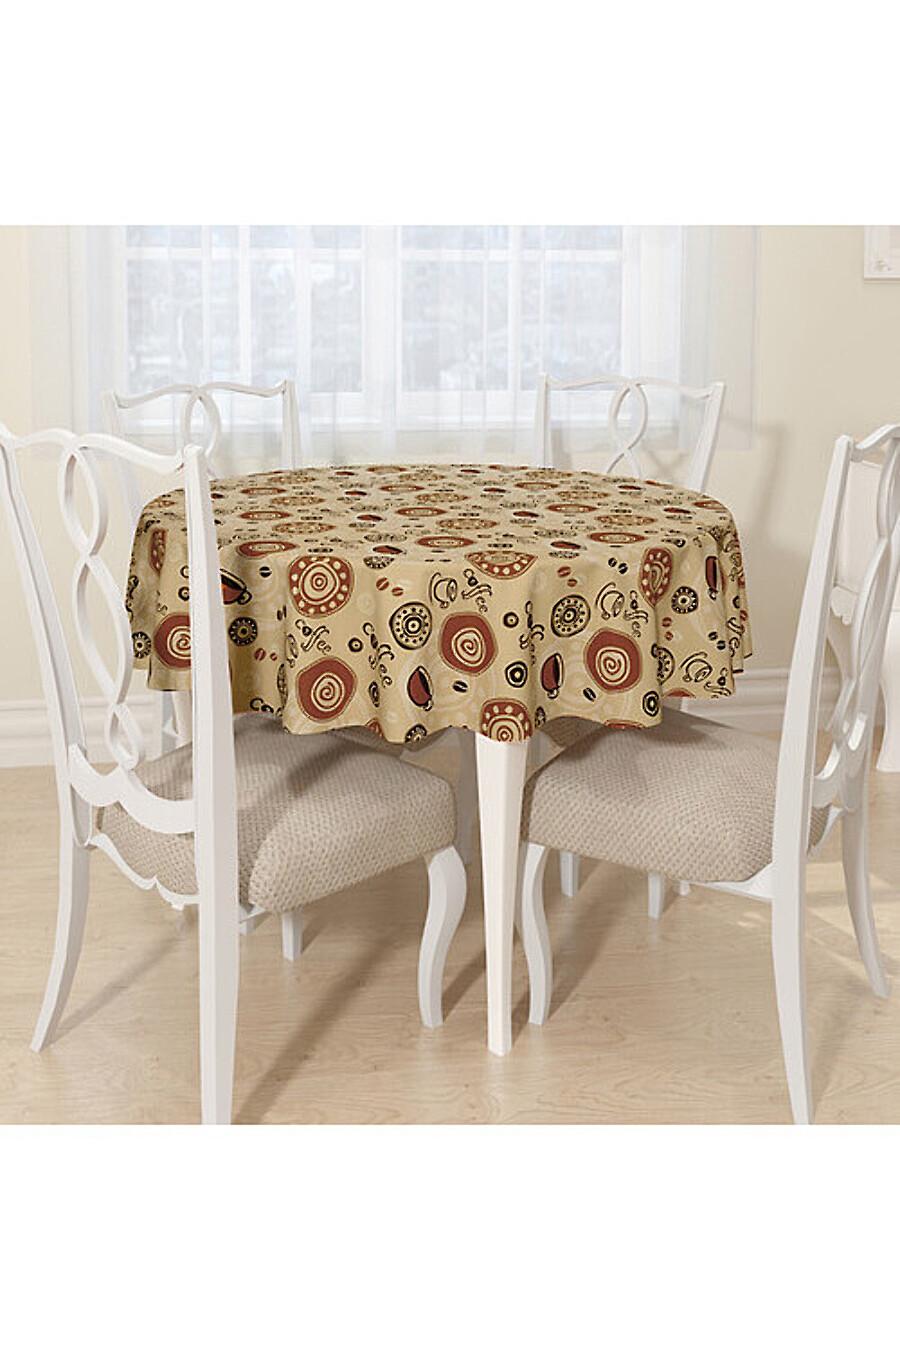 Скатерть для дома ART HOME TEXTILE 180297 купить оптом от производителя. Совместная покупка товаров для дома в OptMoyo